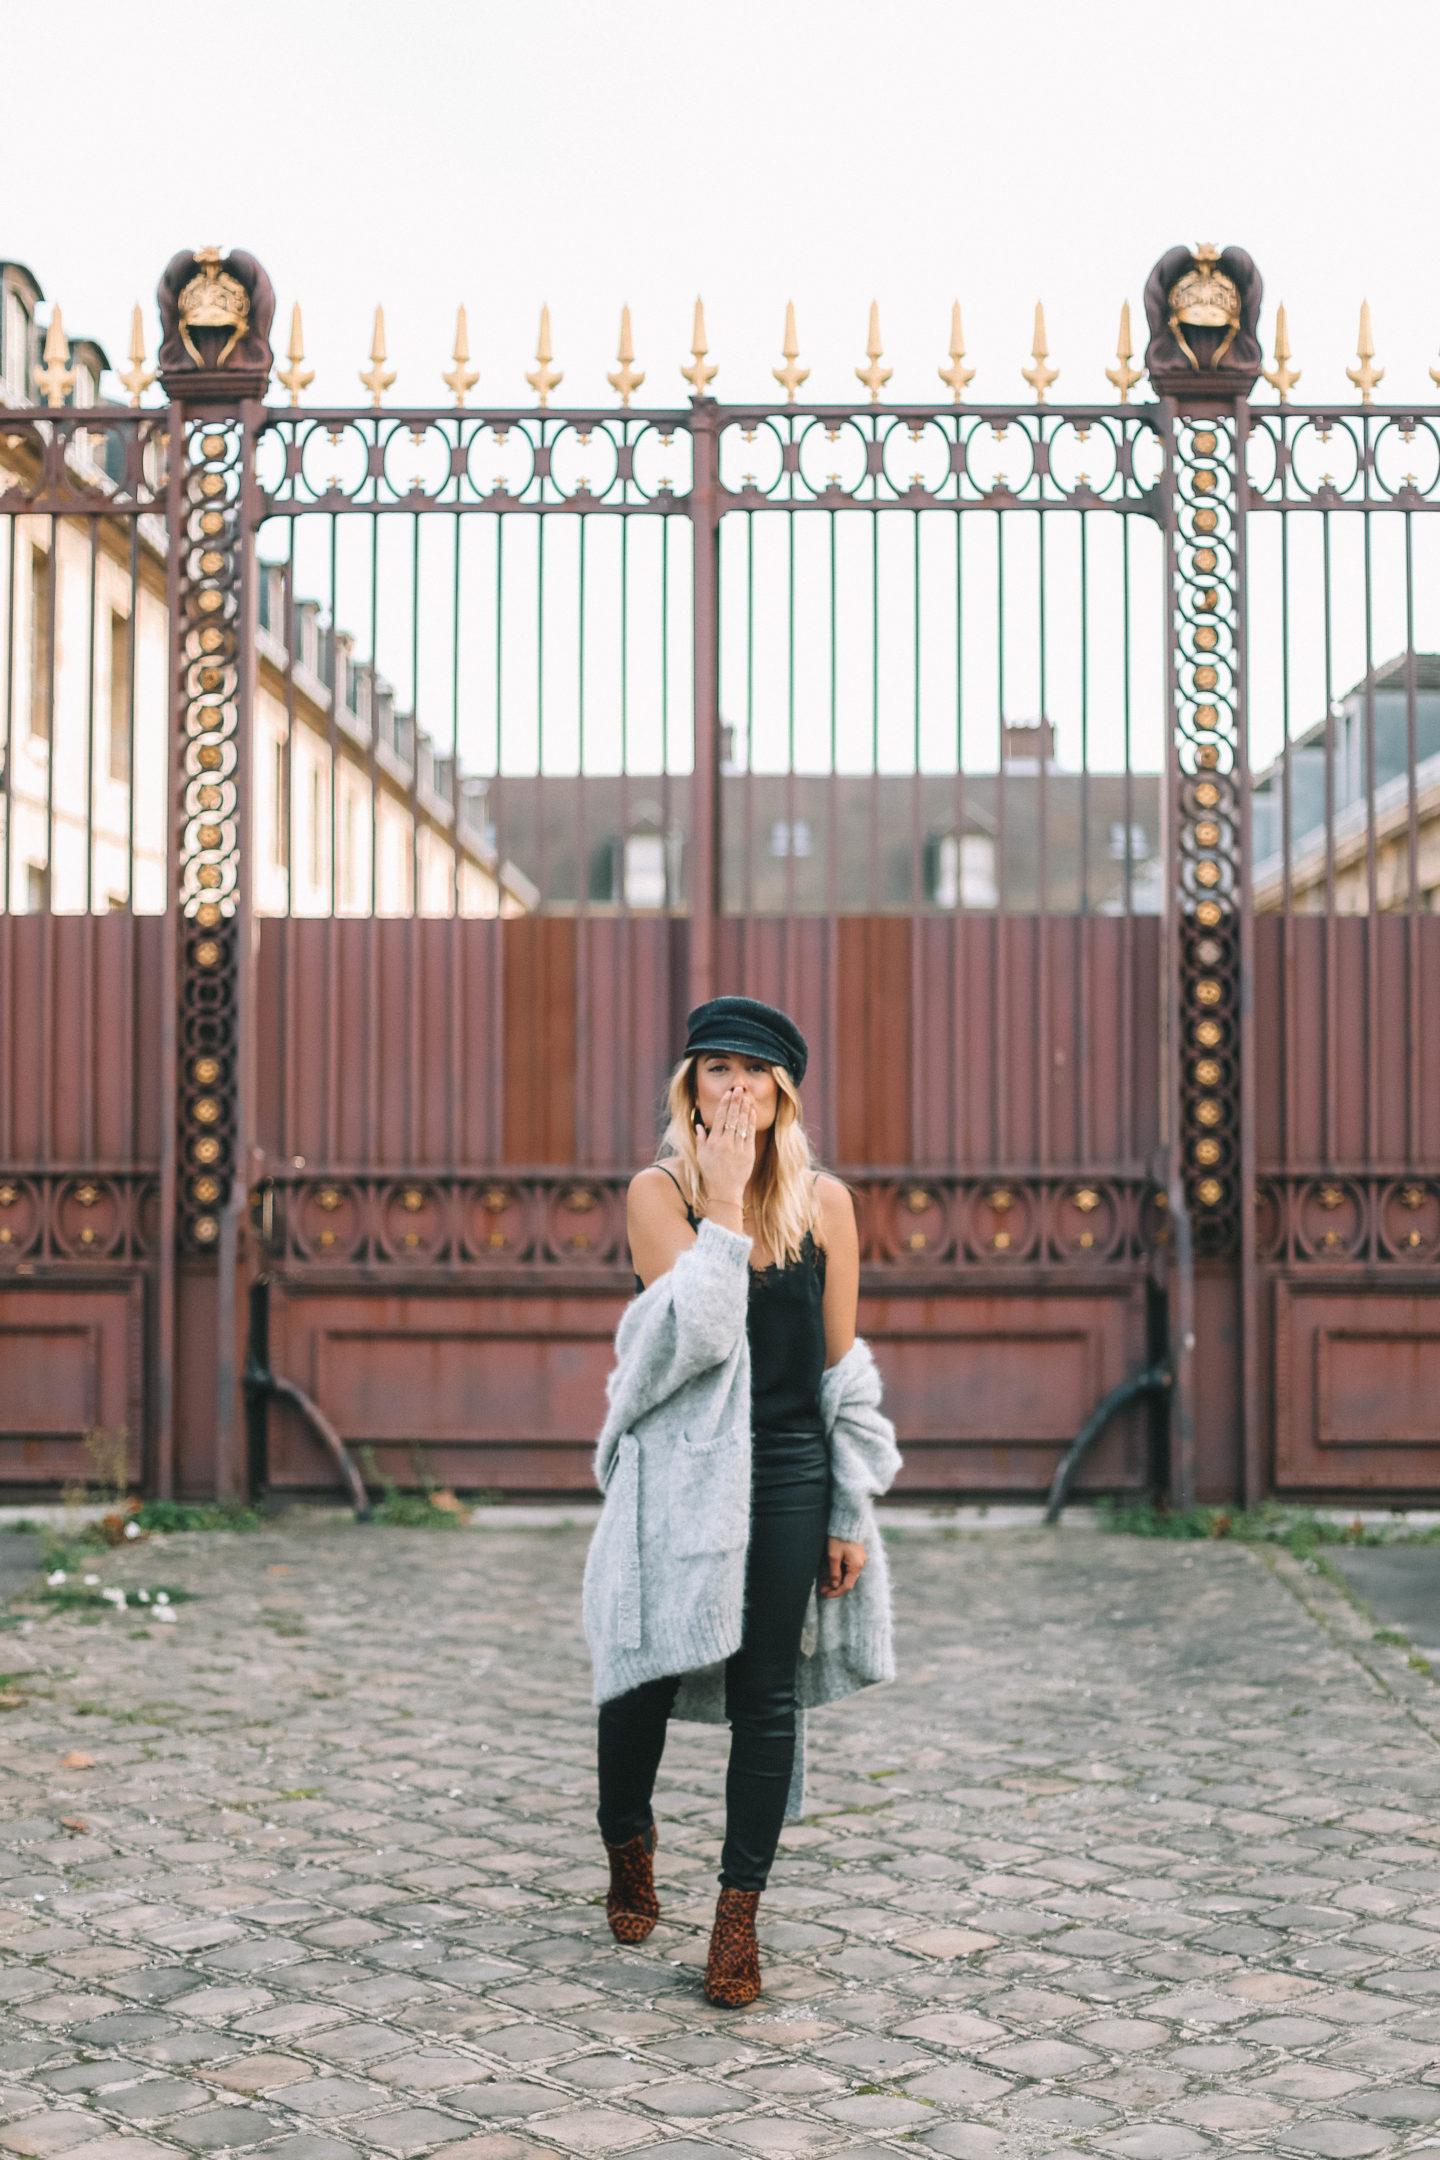 Gilet American Vintage - Blondie baby blog mode et voyages